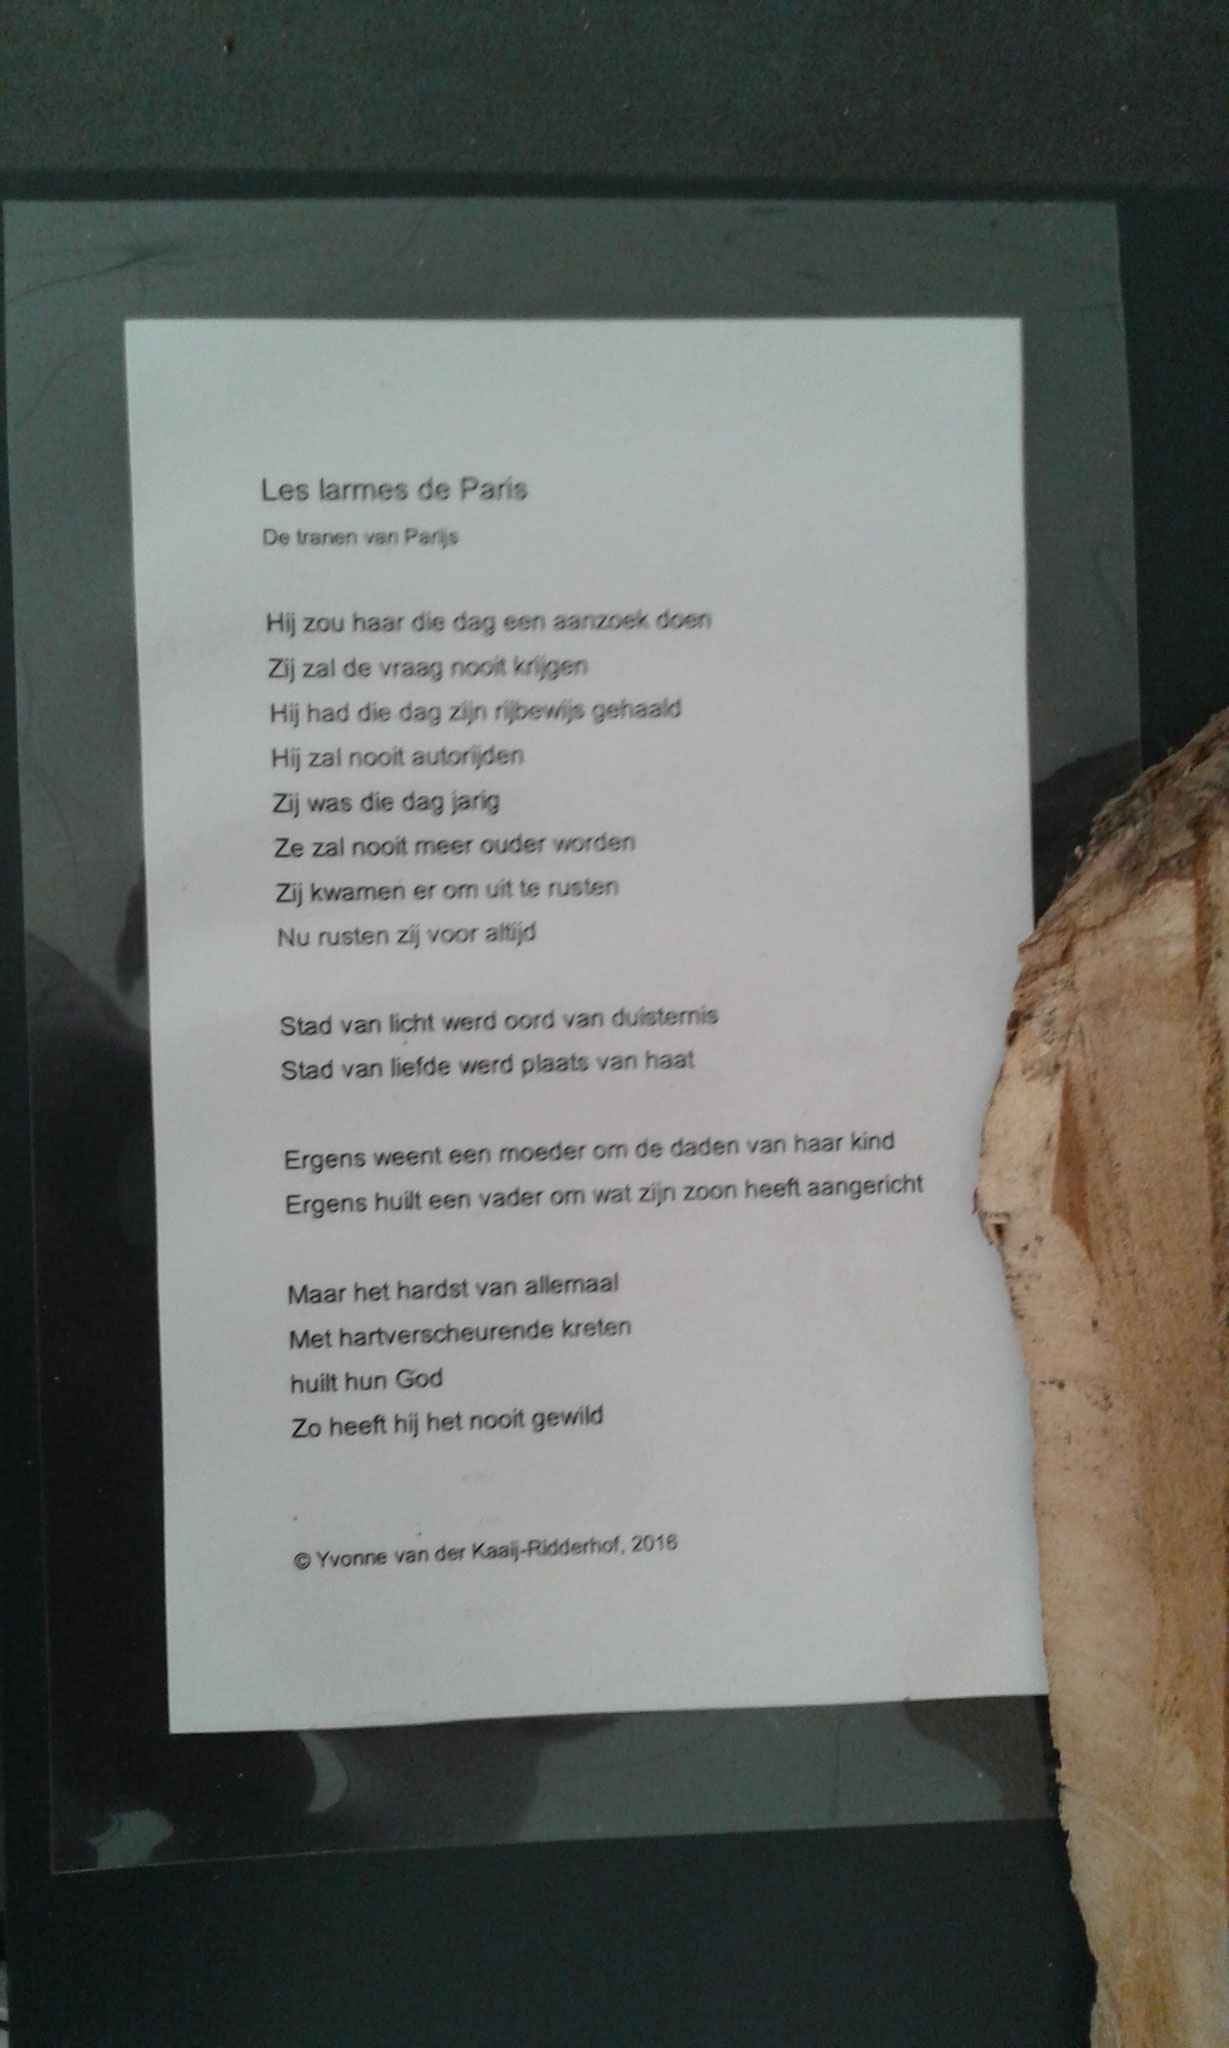 Gedicht (Y.v.d. Kaaij)  bij 'Aanslag in Parijs'